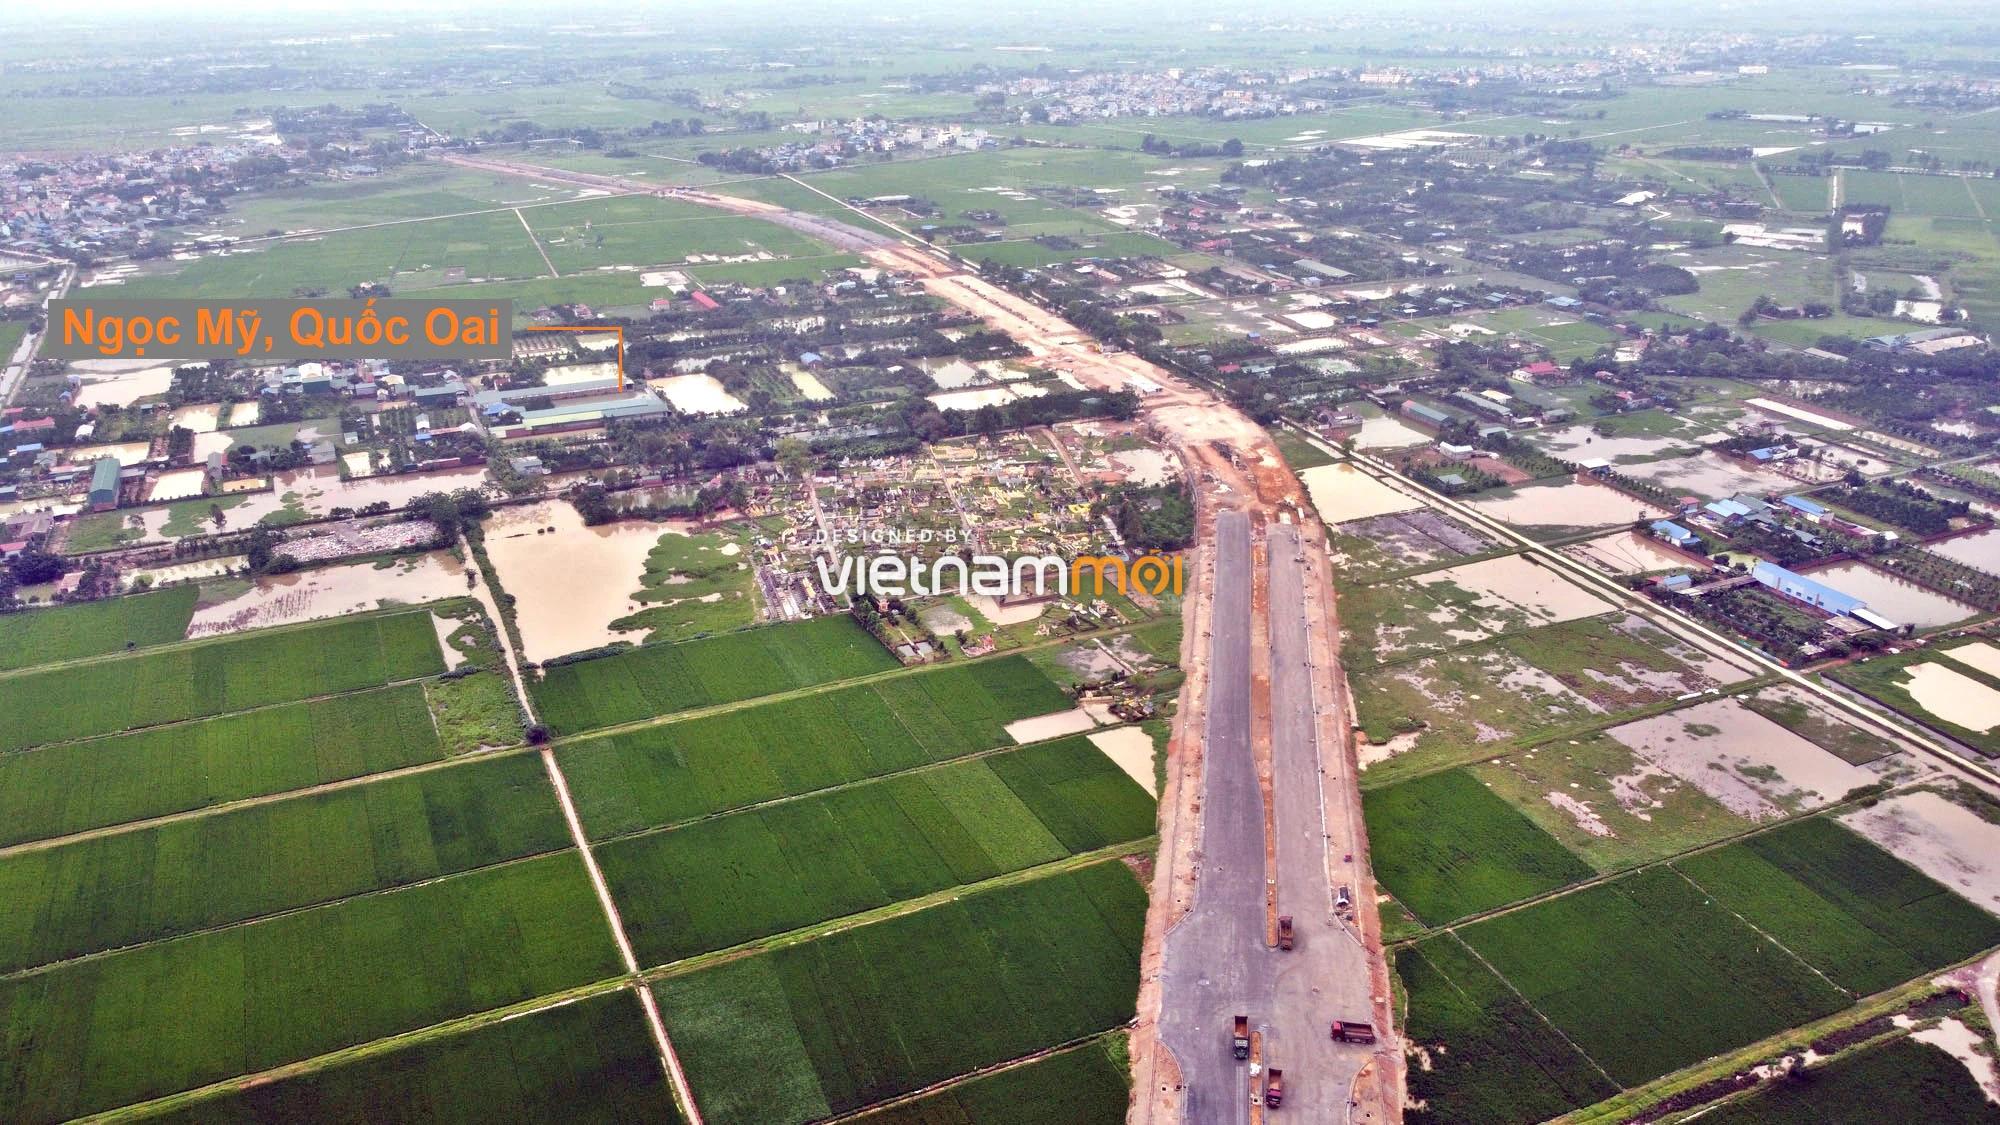 Toàn cảnh đường trục chính Bắc - Nam KĐT Quốc Oai kéo dài đang mở theo quy hoạch ở Hà Nội - Ảnh 5.